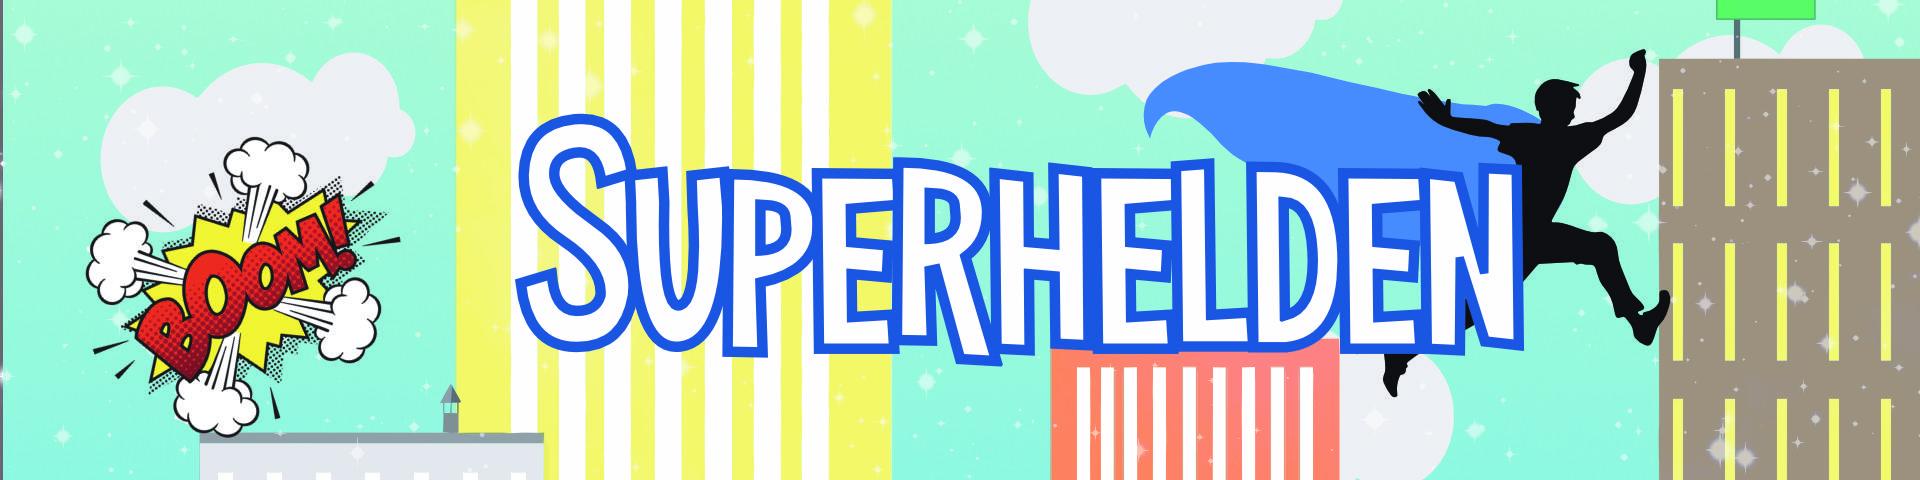 Superhelden afscheidsmusical